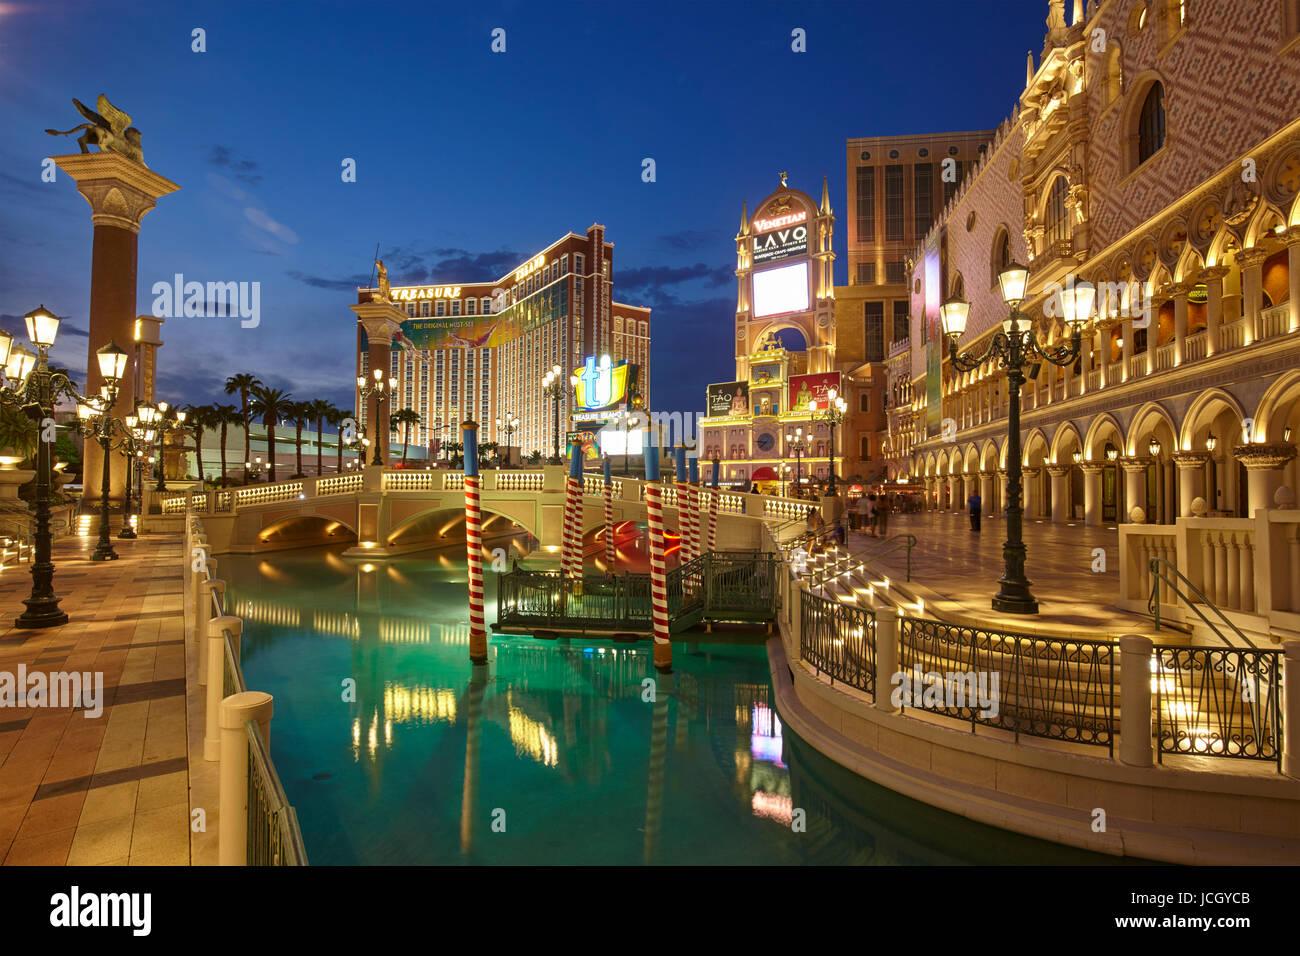 Il Venetian hotel di Las Vegas, Nevada, Stati Uniti Immagini Stock